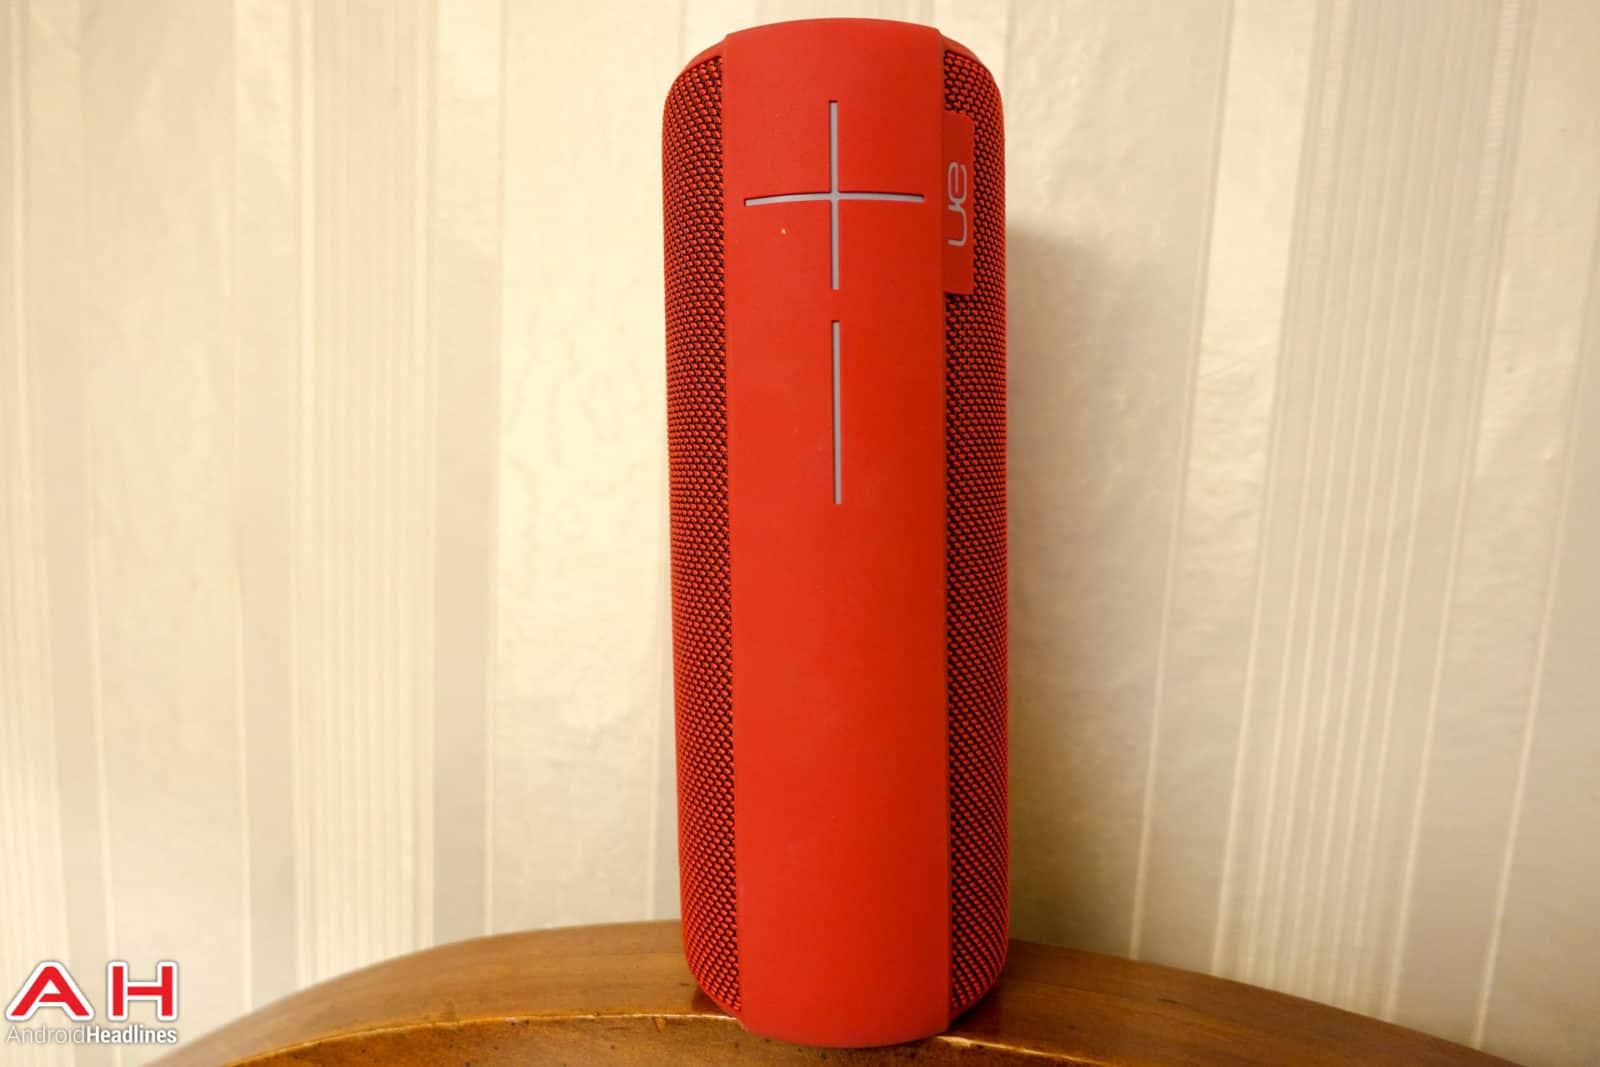 UE-MegaBoom-Speaker-AH-02947